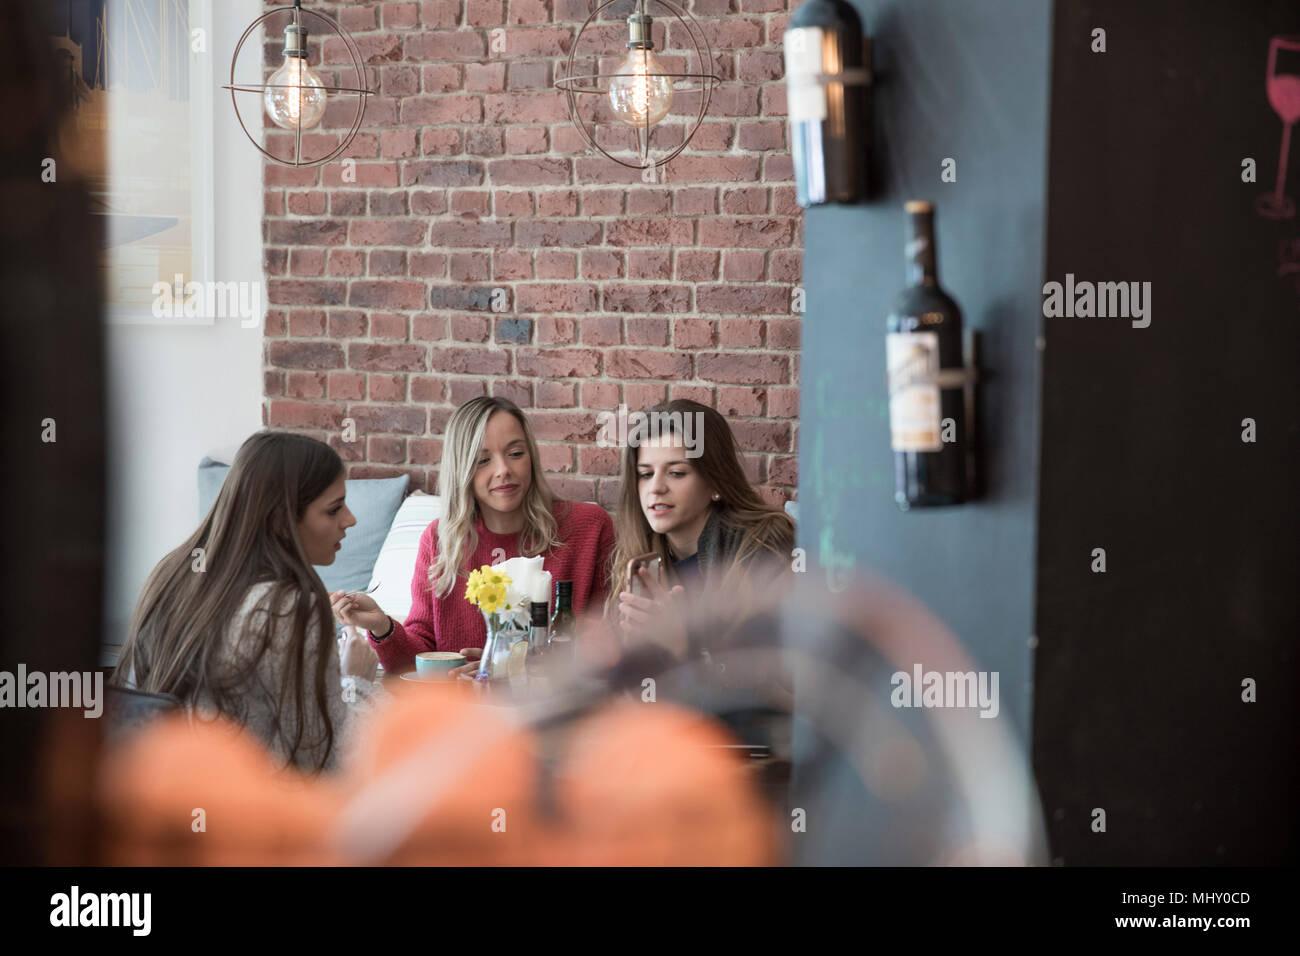 Amigas sentados juntos en la cafetería, mirando el smartphone Imagen De Stock